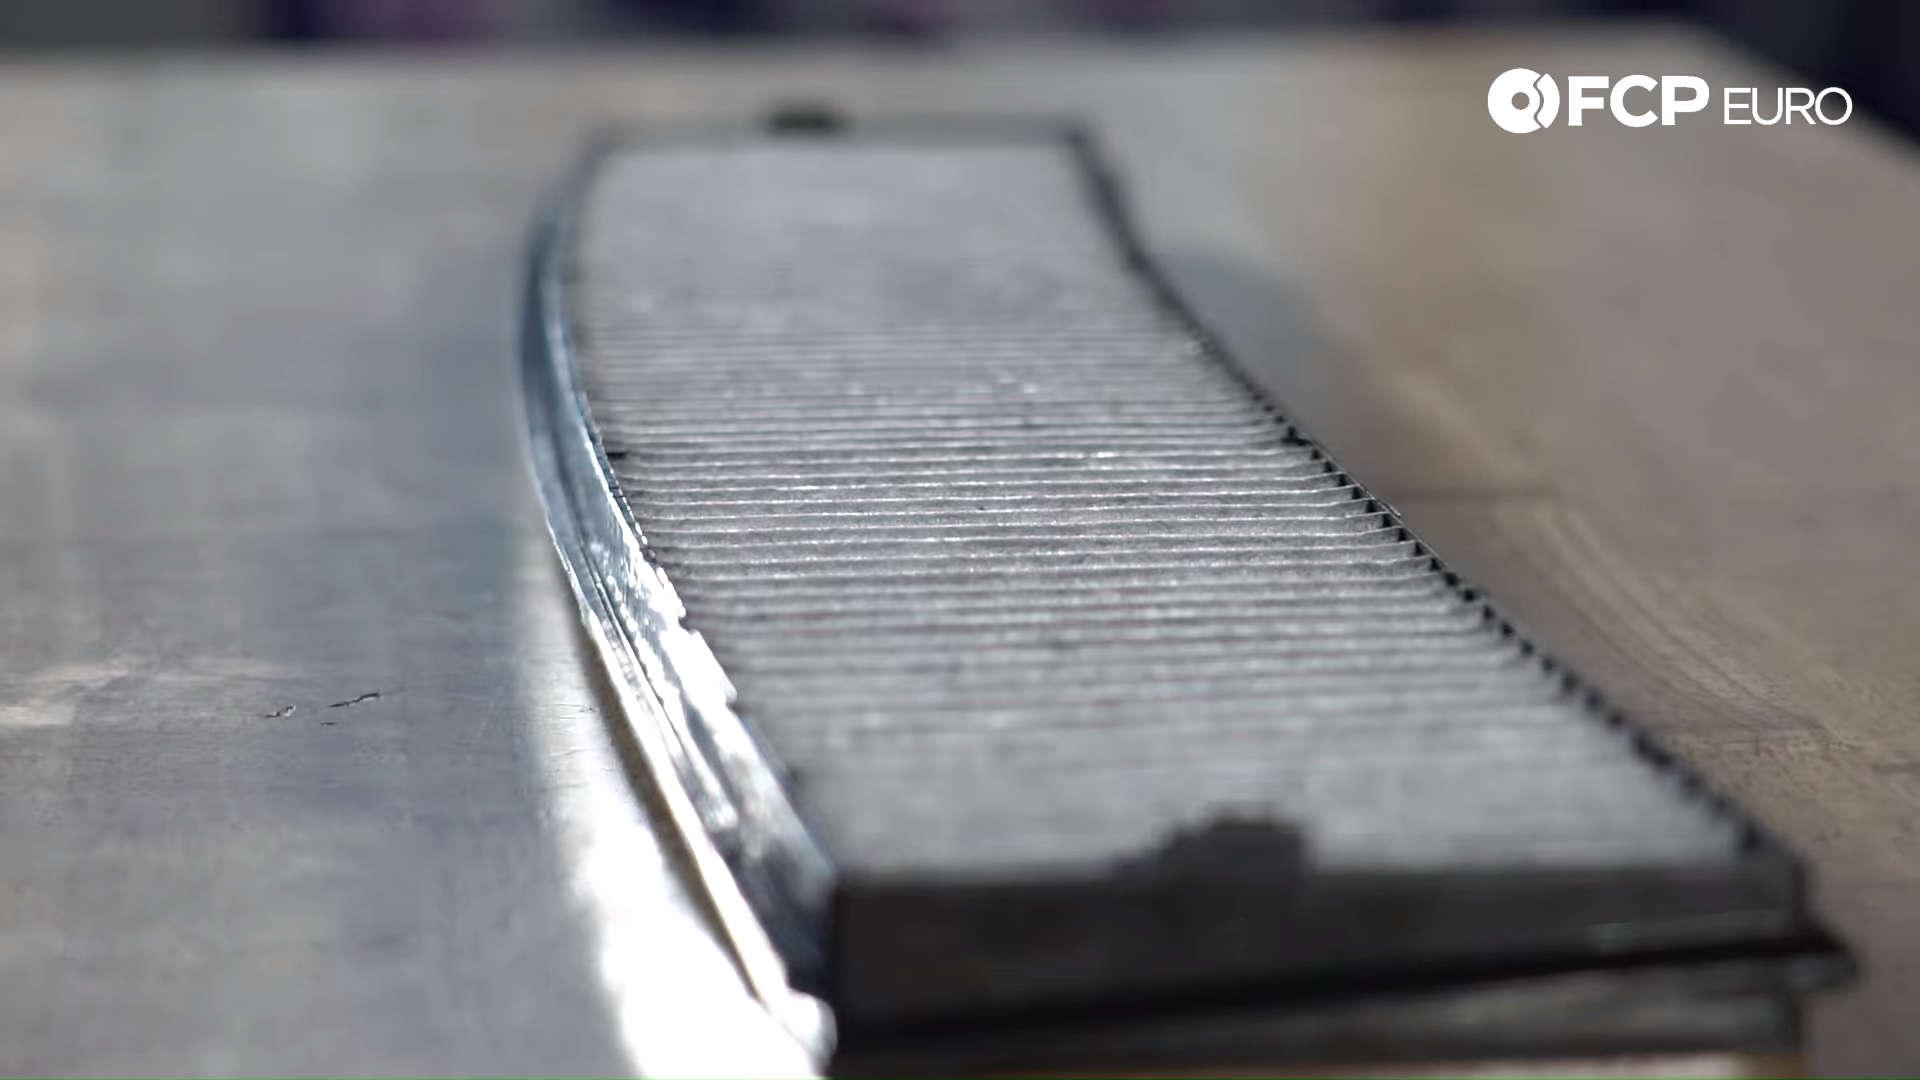 Gareth BMW Cabin Air Filter Closeup